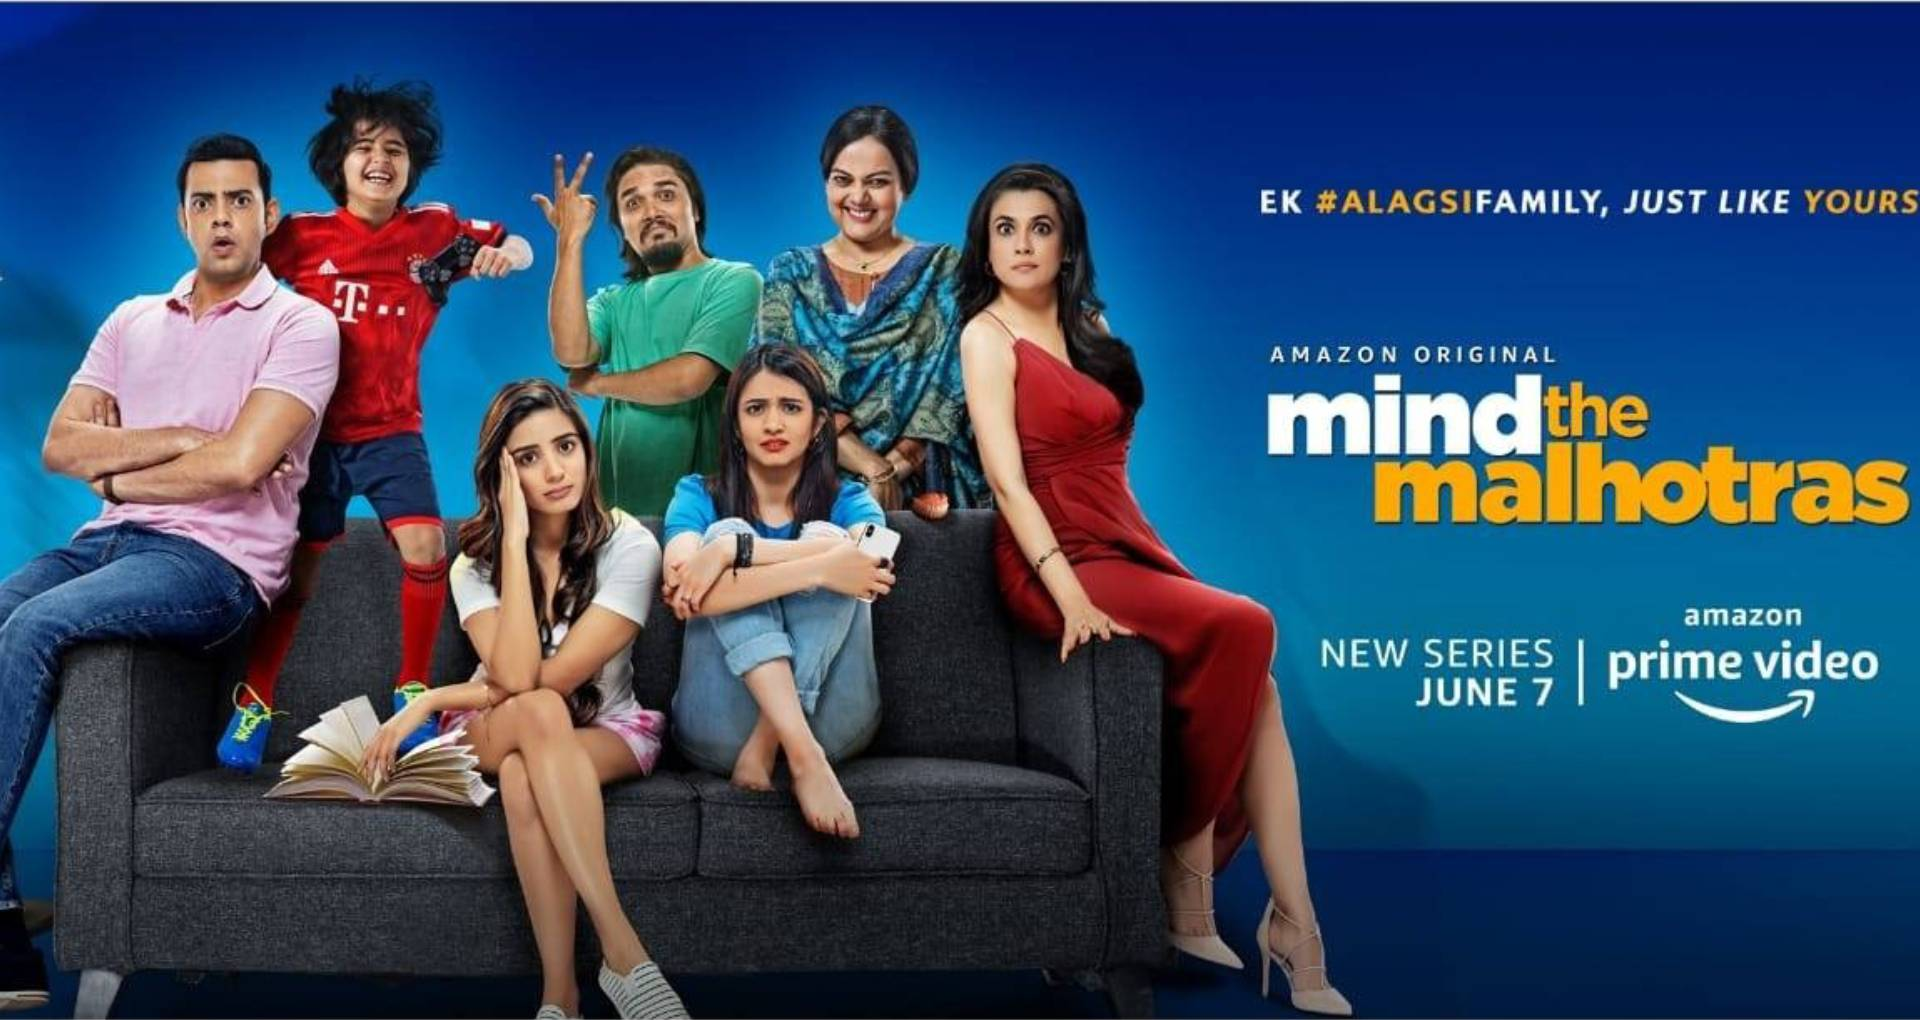 दीया मिर्जा की वेब सीरिज माइंड द मल्होत्रा का पहला पोस्टर आउट, इस दिन होगी कॉमेडी की शो की स्ट्रीमिंग